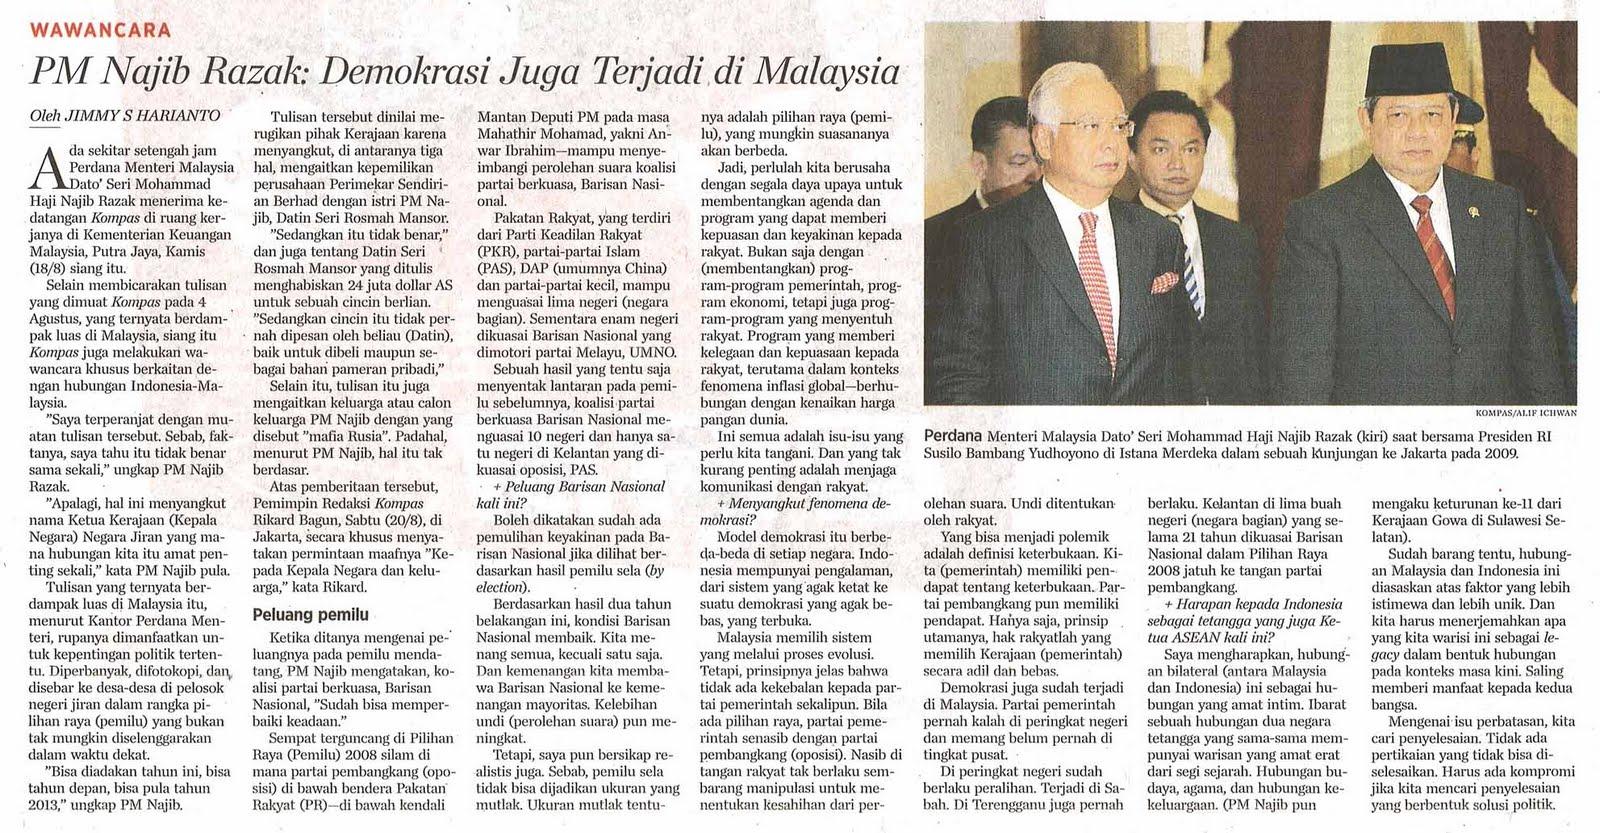 http://2.bp.blogspot.com/-2cA-uA53GTY/TlK-xW5ADYI/AAAAAAAAF8Q/WW7Ro9I5lZ0/s1600/21-08-11-kompas-pm-najib-razak-demokrasi-juga-terjadi-di-malaysia.jpg